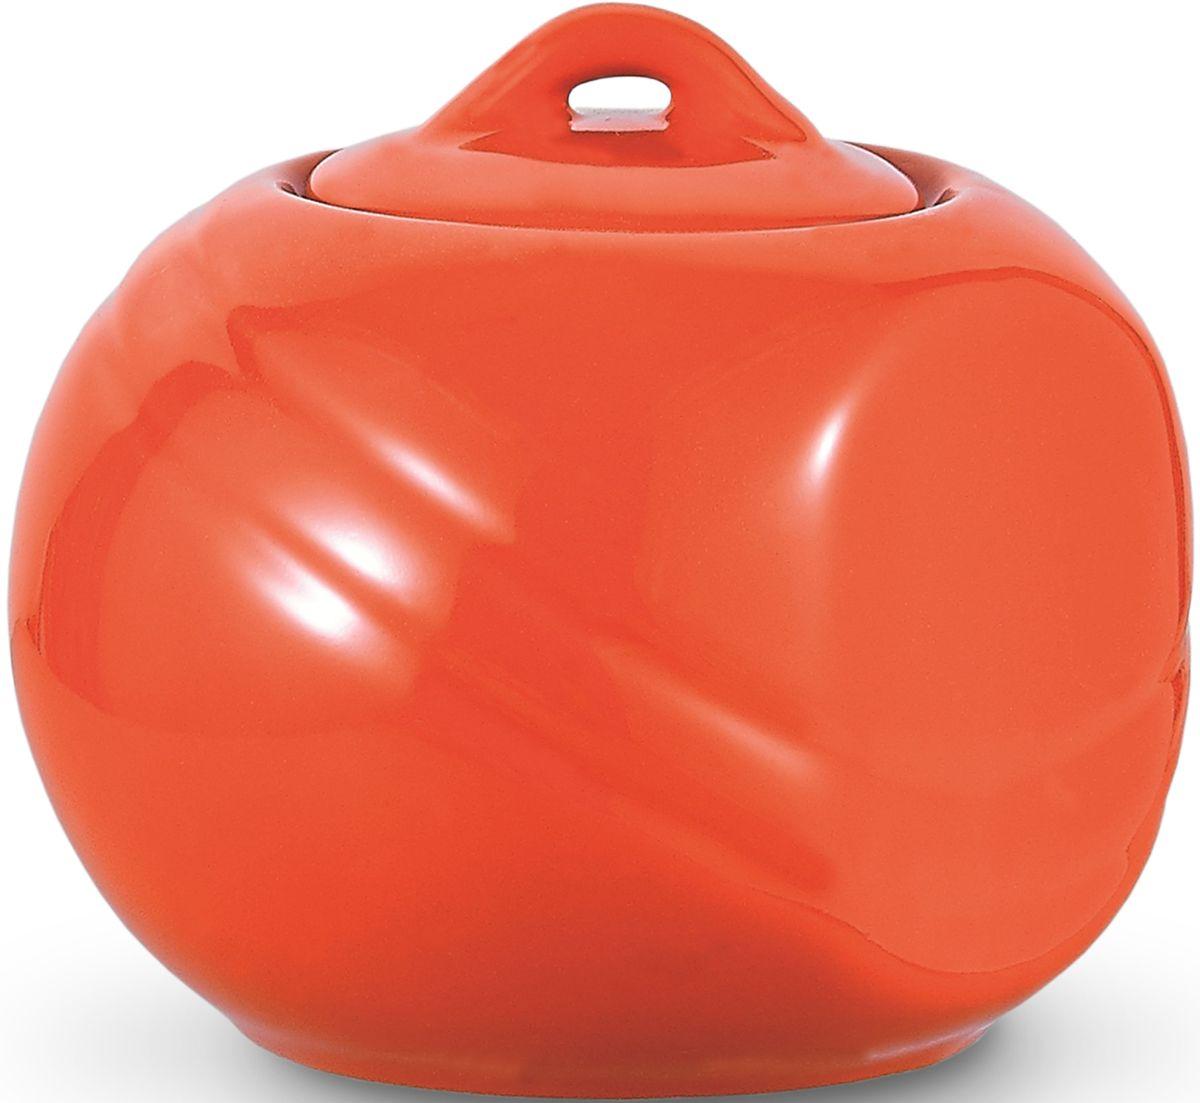 Сахарница Fissman, цвет: оранжевый, 350 мл. 9280SB-9280.350Сахарница Fissman выполнена из высококачественной керамики.Изделие имеет элегантную форму и закрывается крышкой.Сахарница Fissman станет отличным дополнением к сервировке семейного стола и замечательным подарком для ваших родных и друзей.Можно мыть в посудомоечной машине и использовать в микроволновой печи. Объем: 350 мл